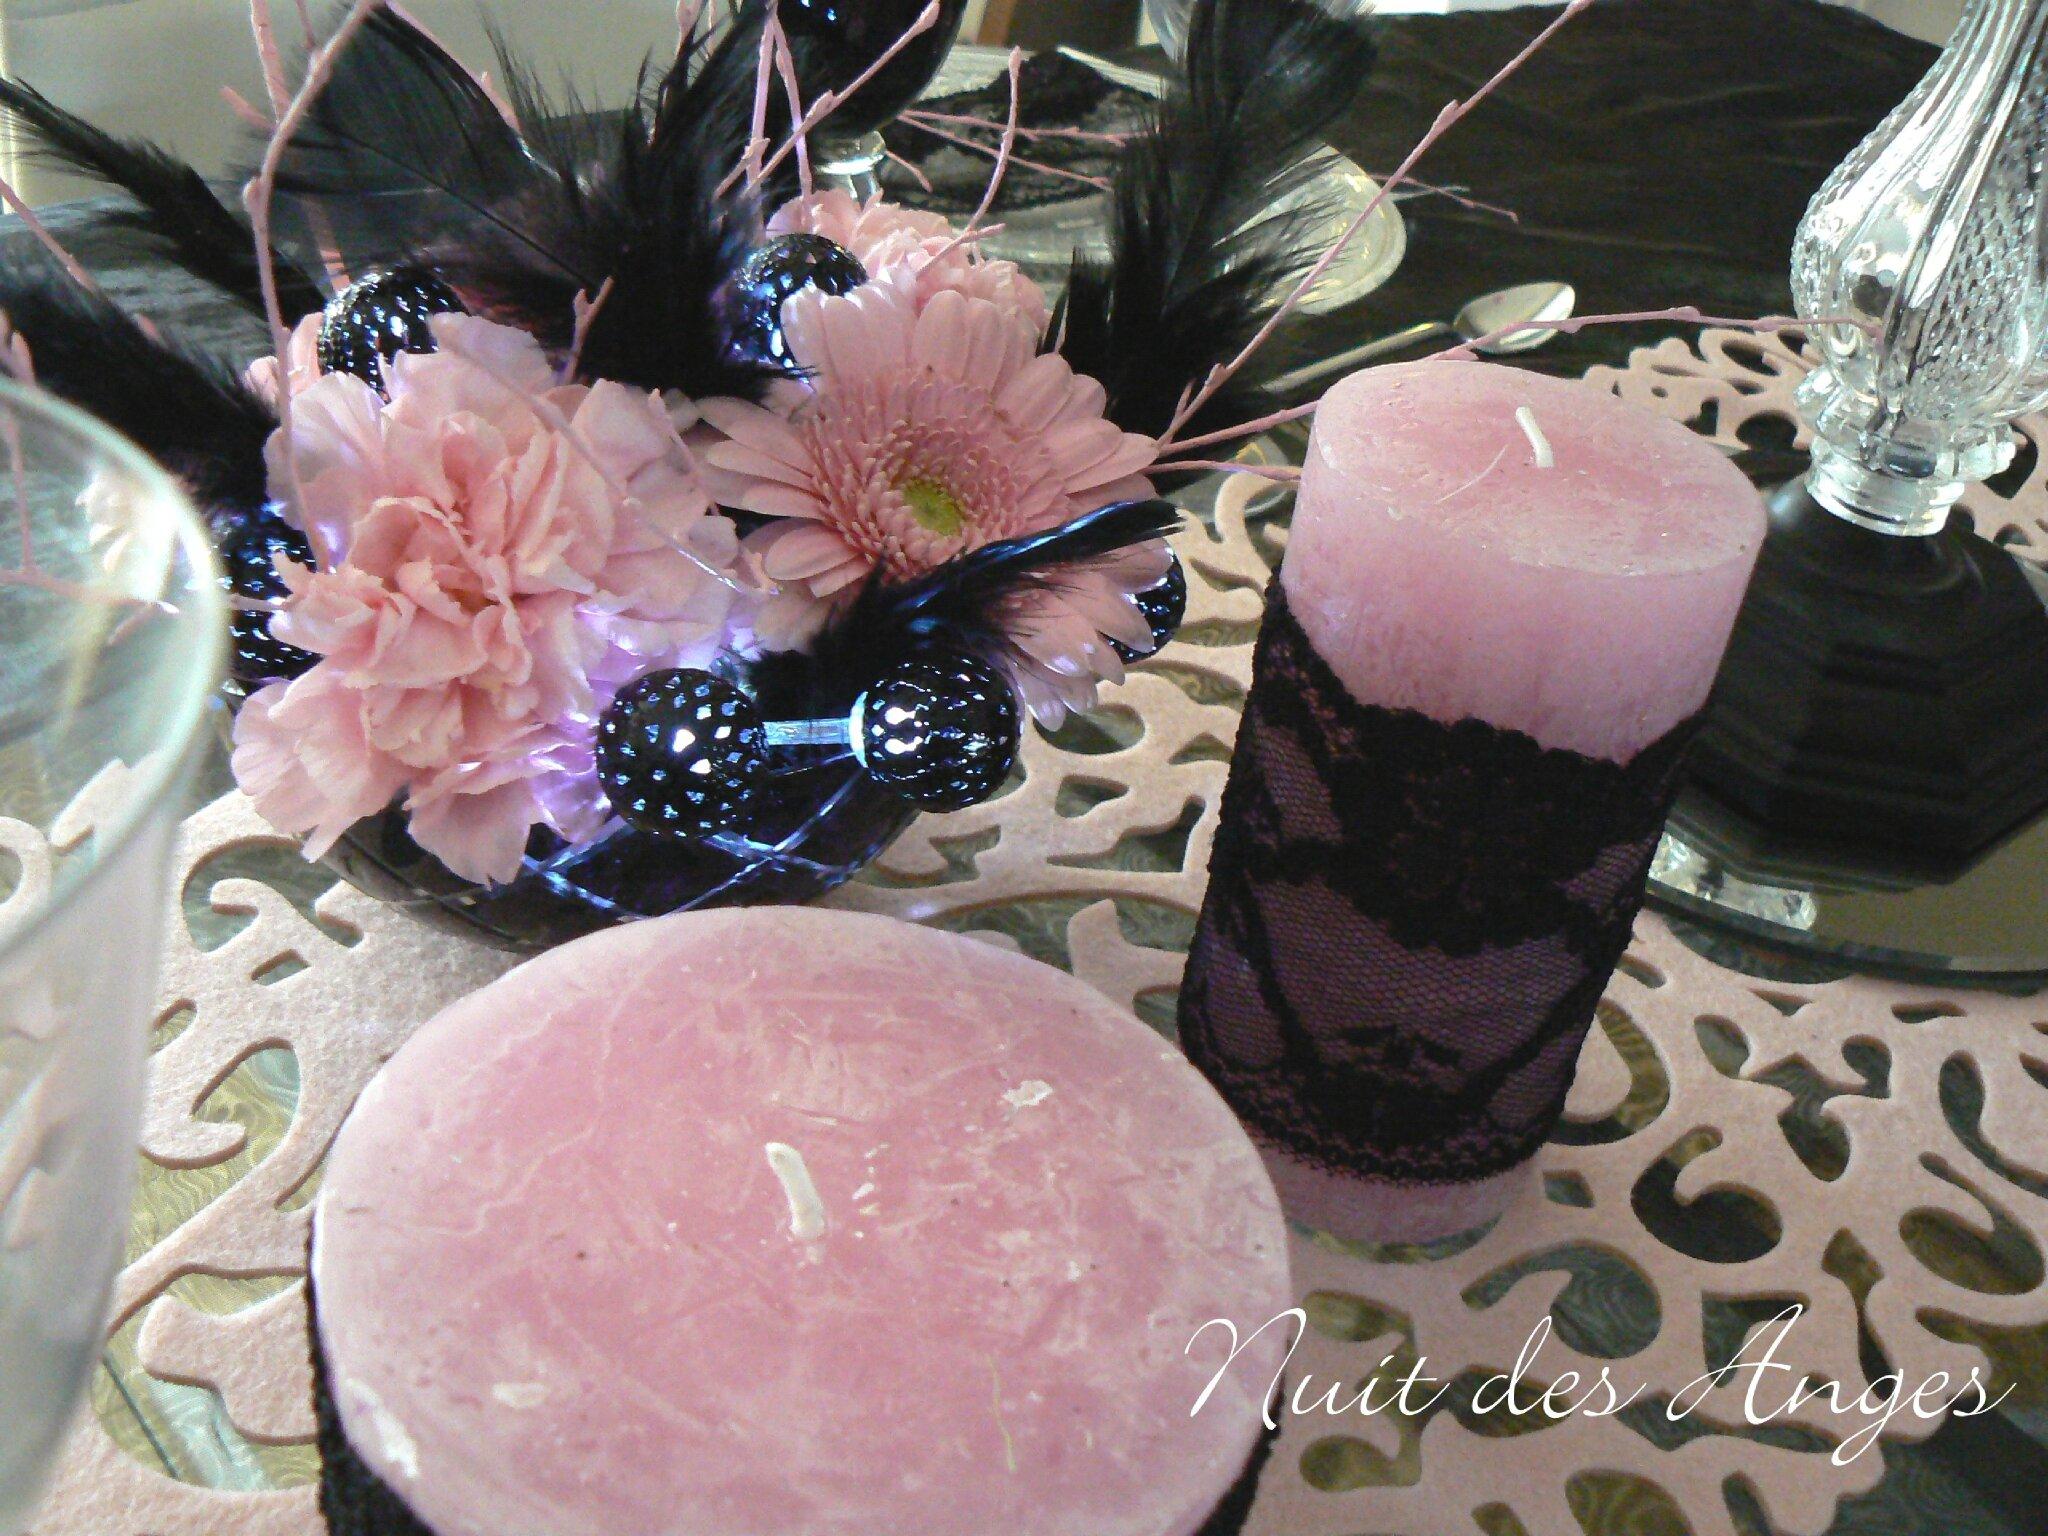 D coration de table noir et rose boudoir nuit des anges for Table de nuit rose